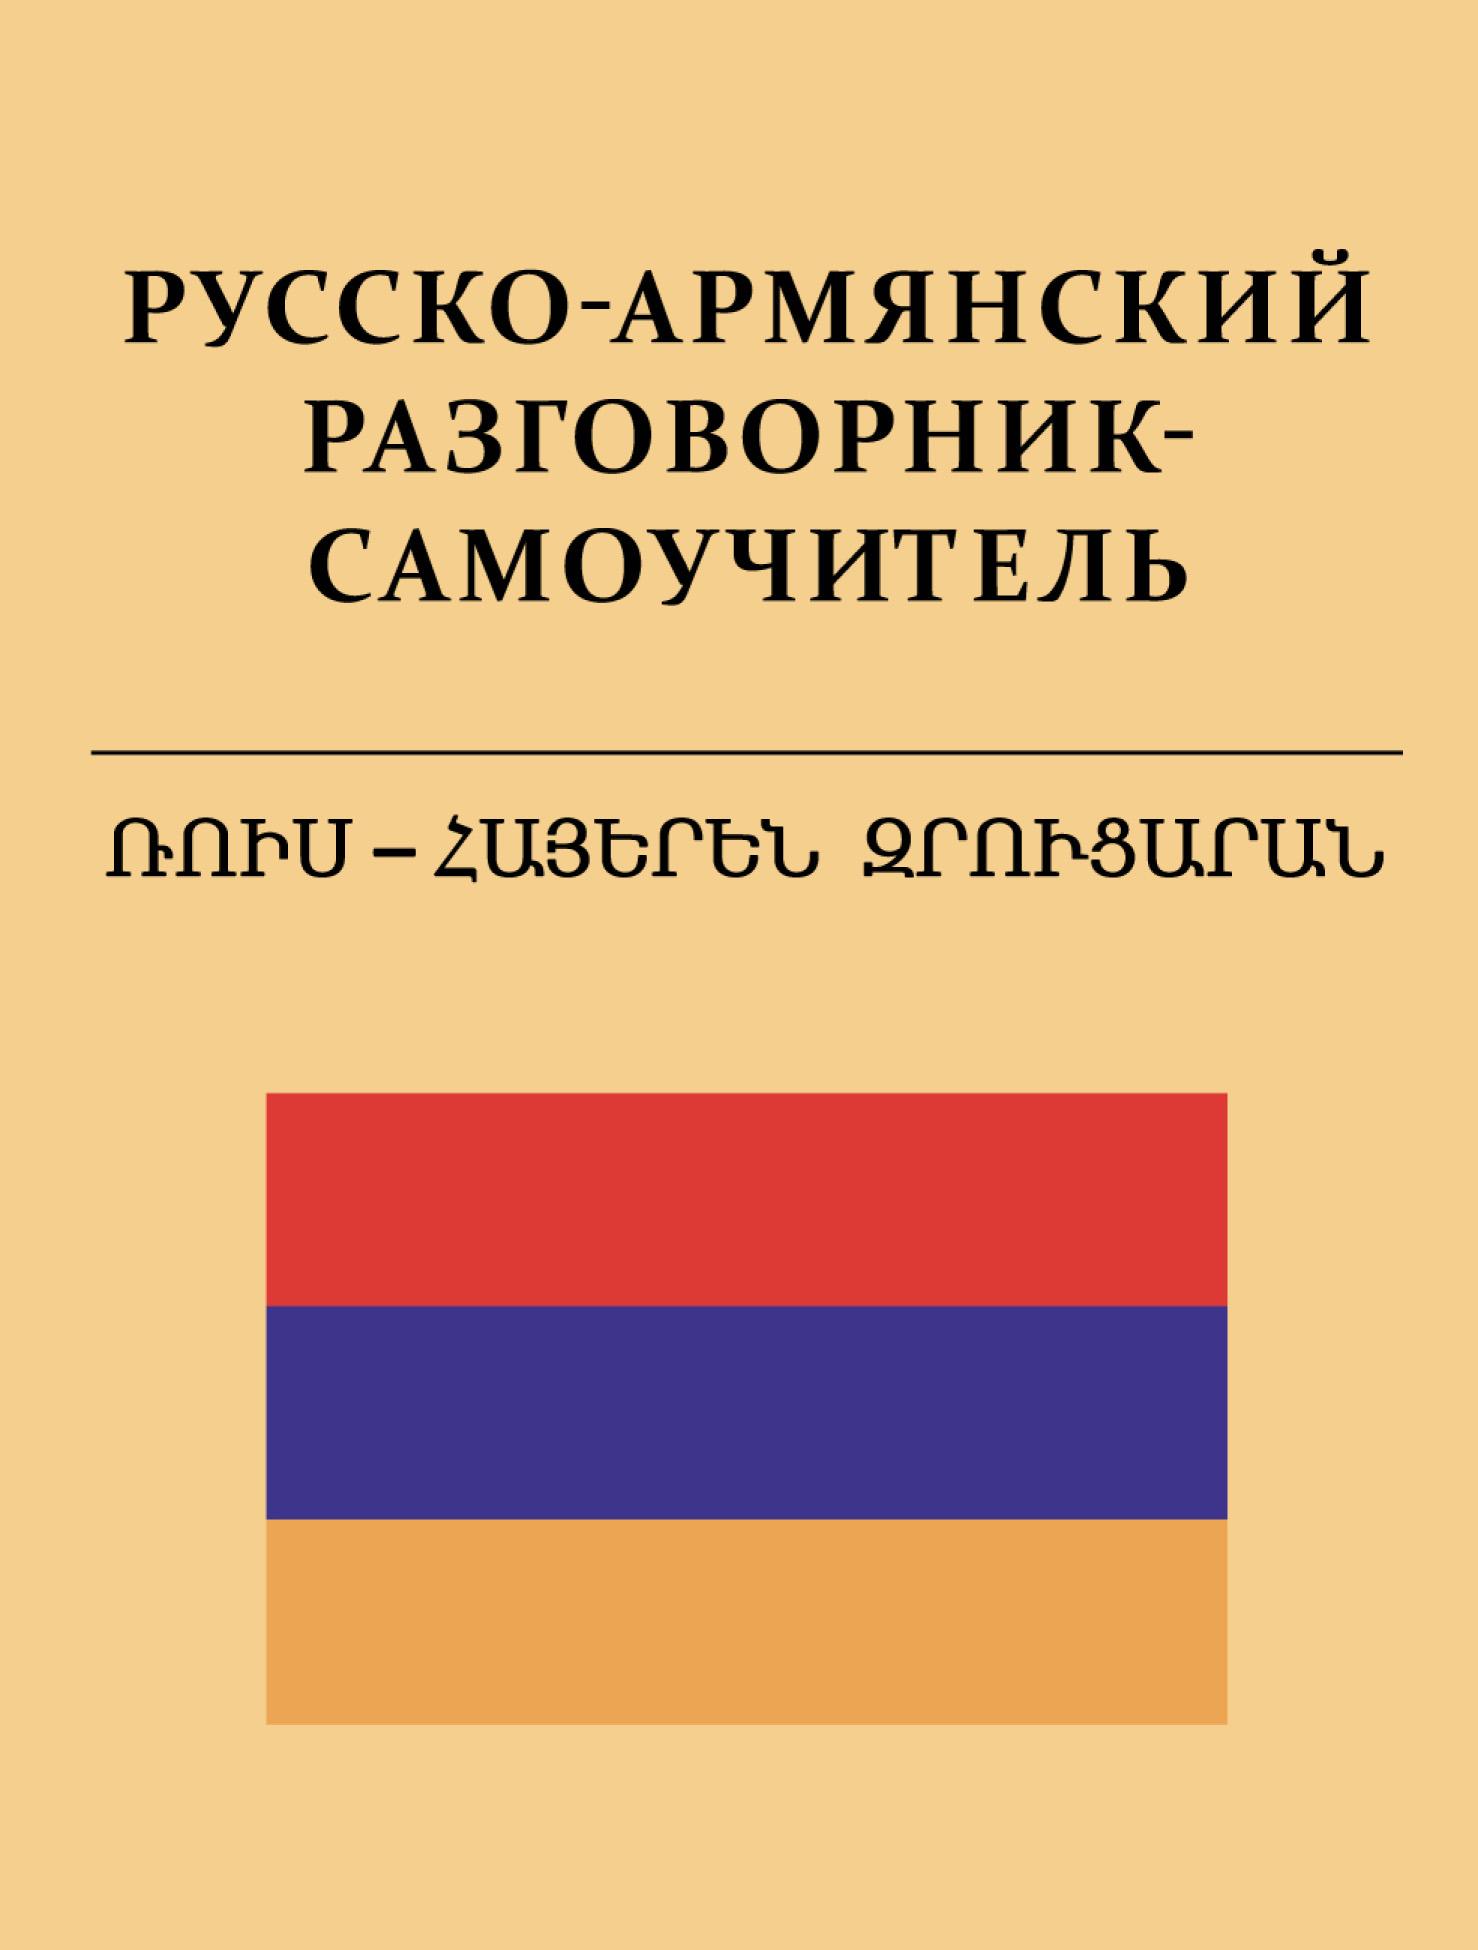 С. А. Матвеев Русско-армянский разговорник-самоучитель цены